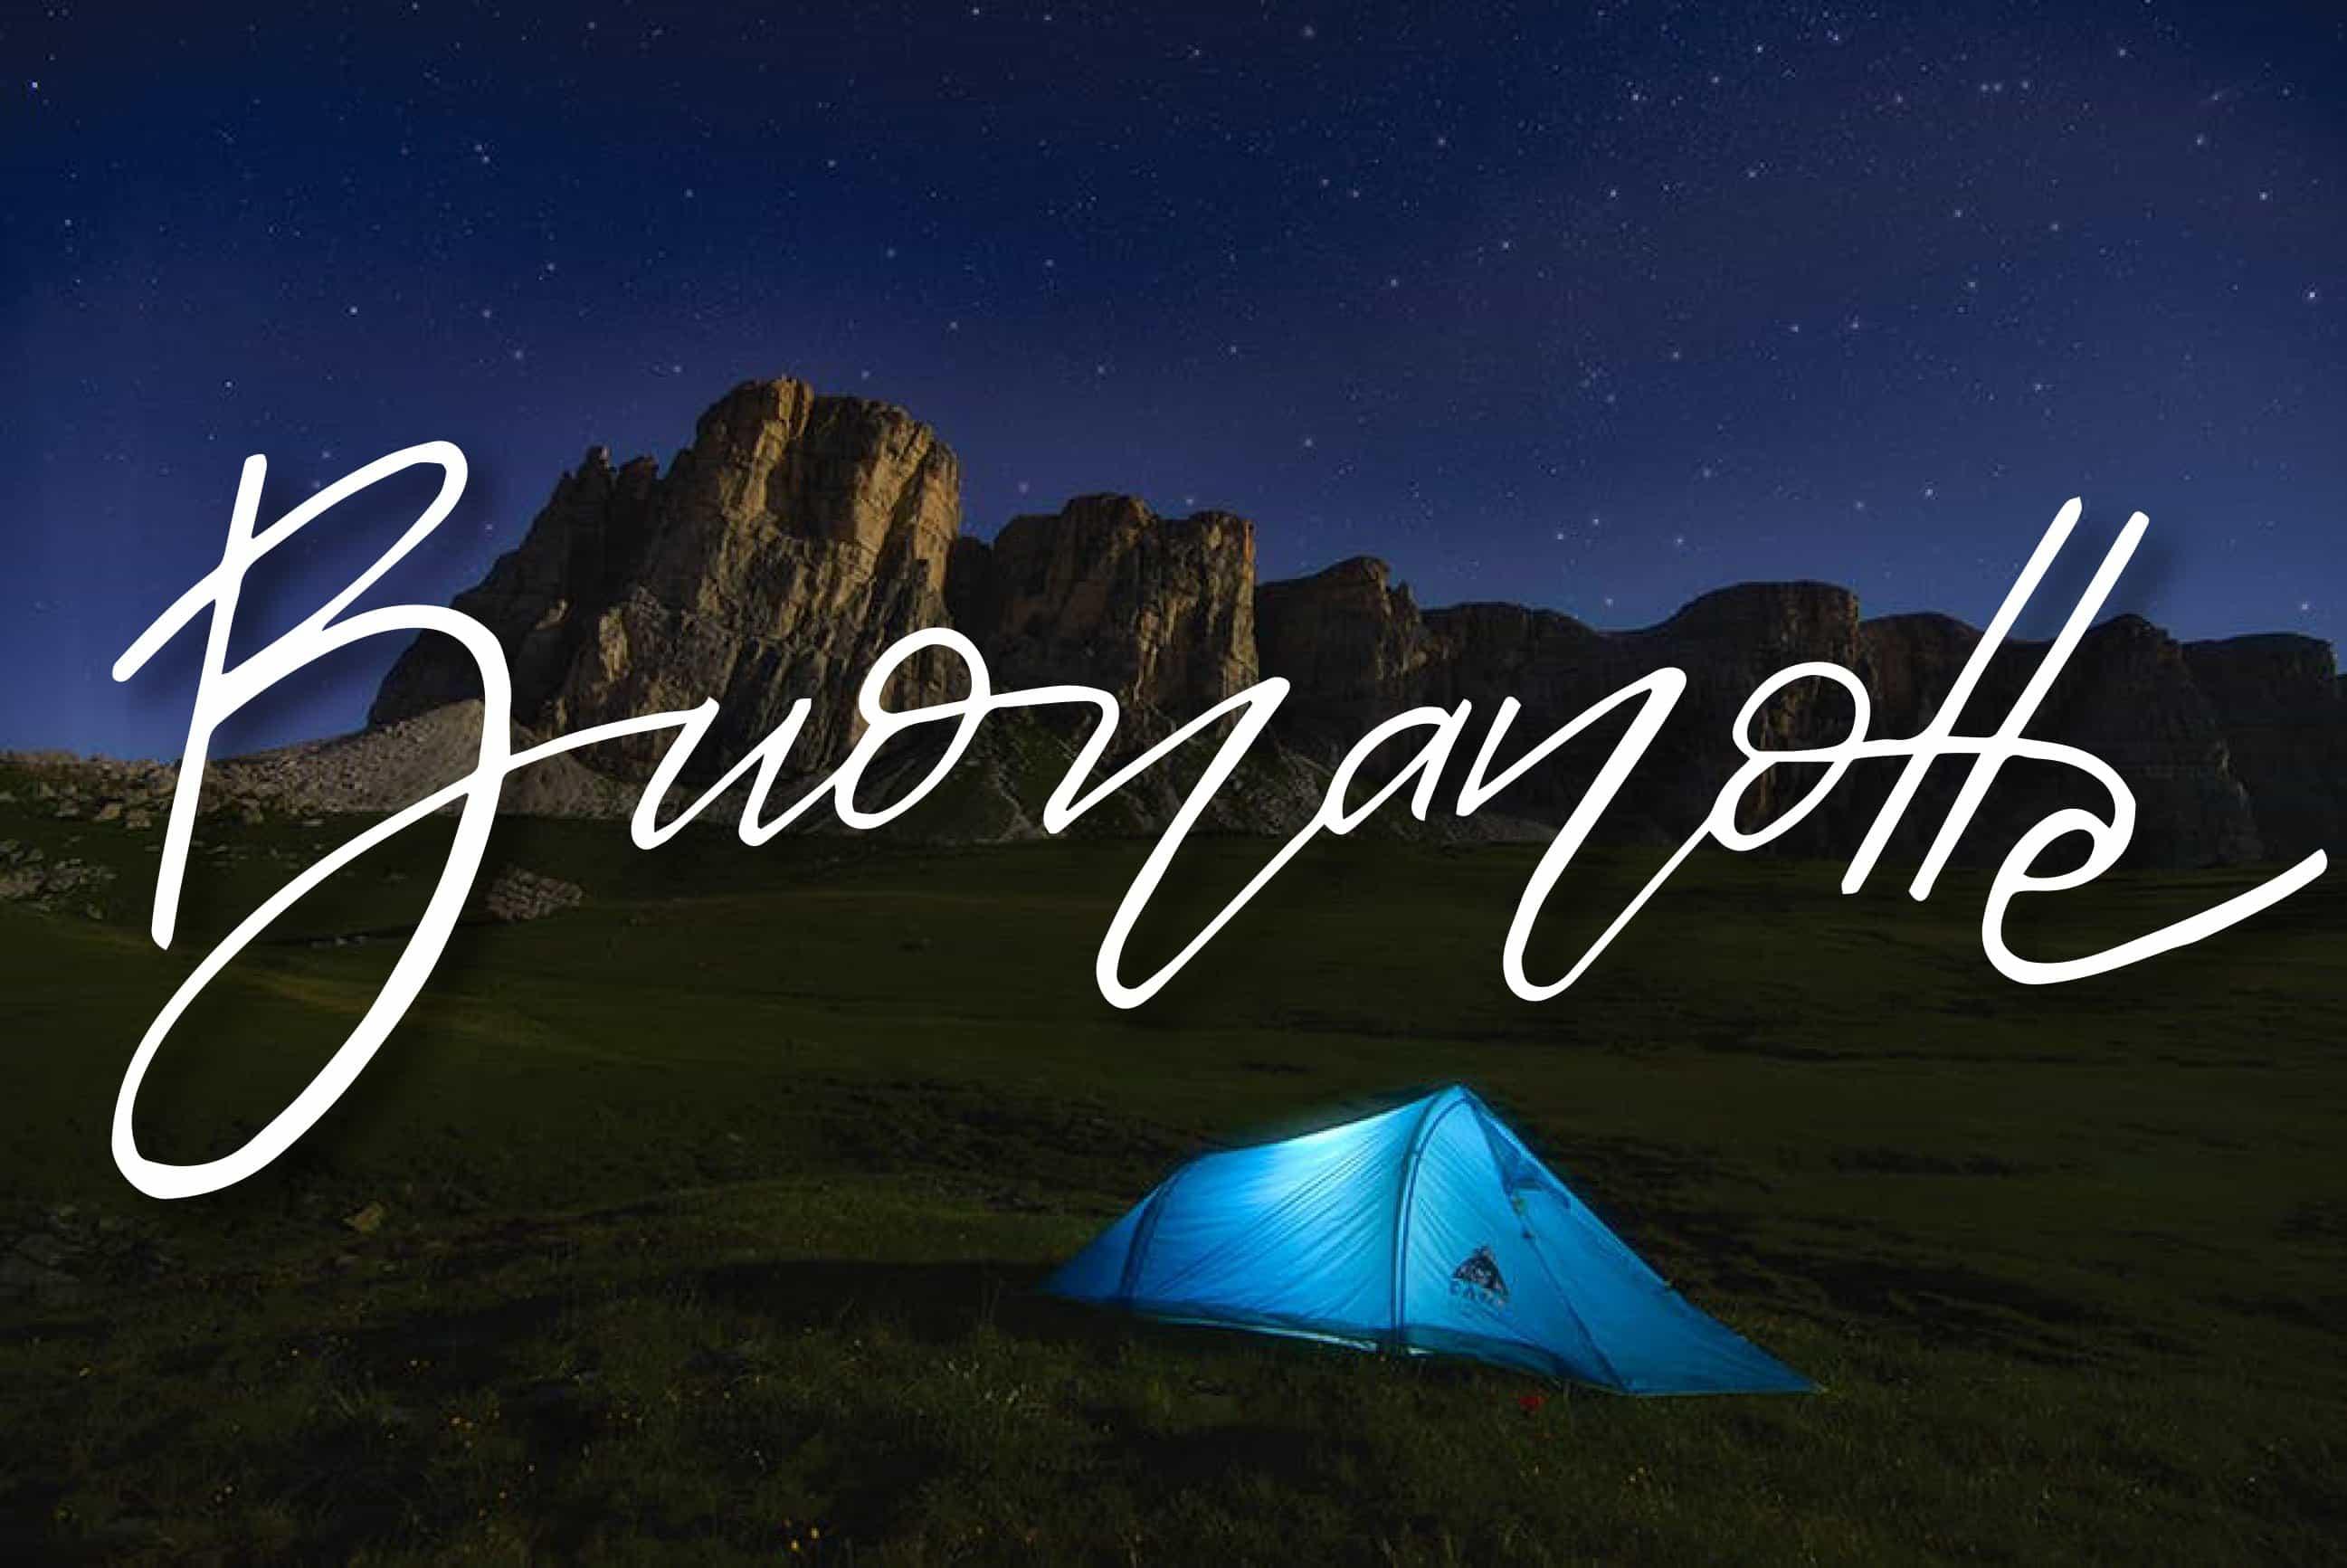 Buonanotte sotto cielo stellato